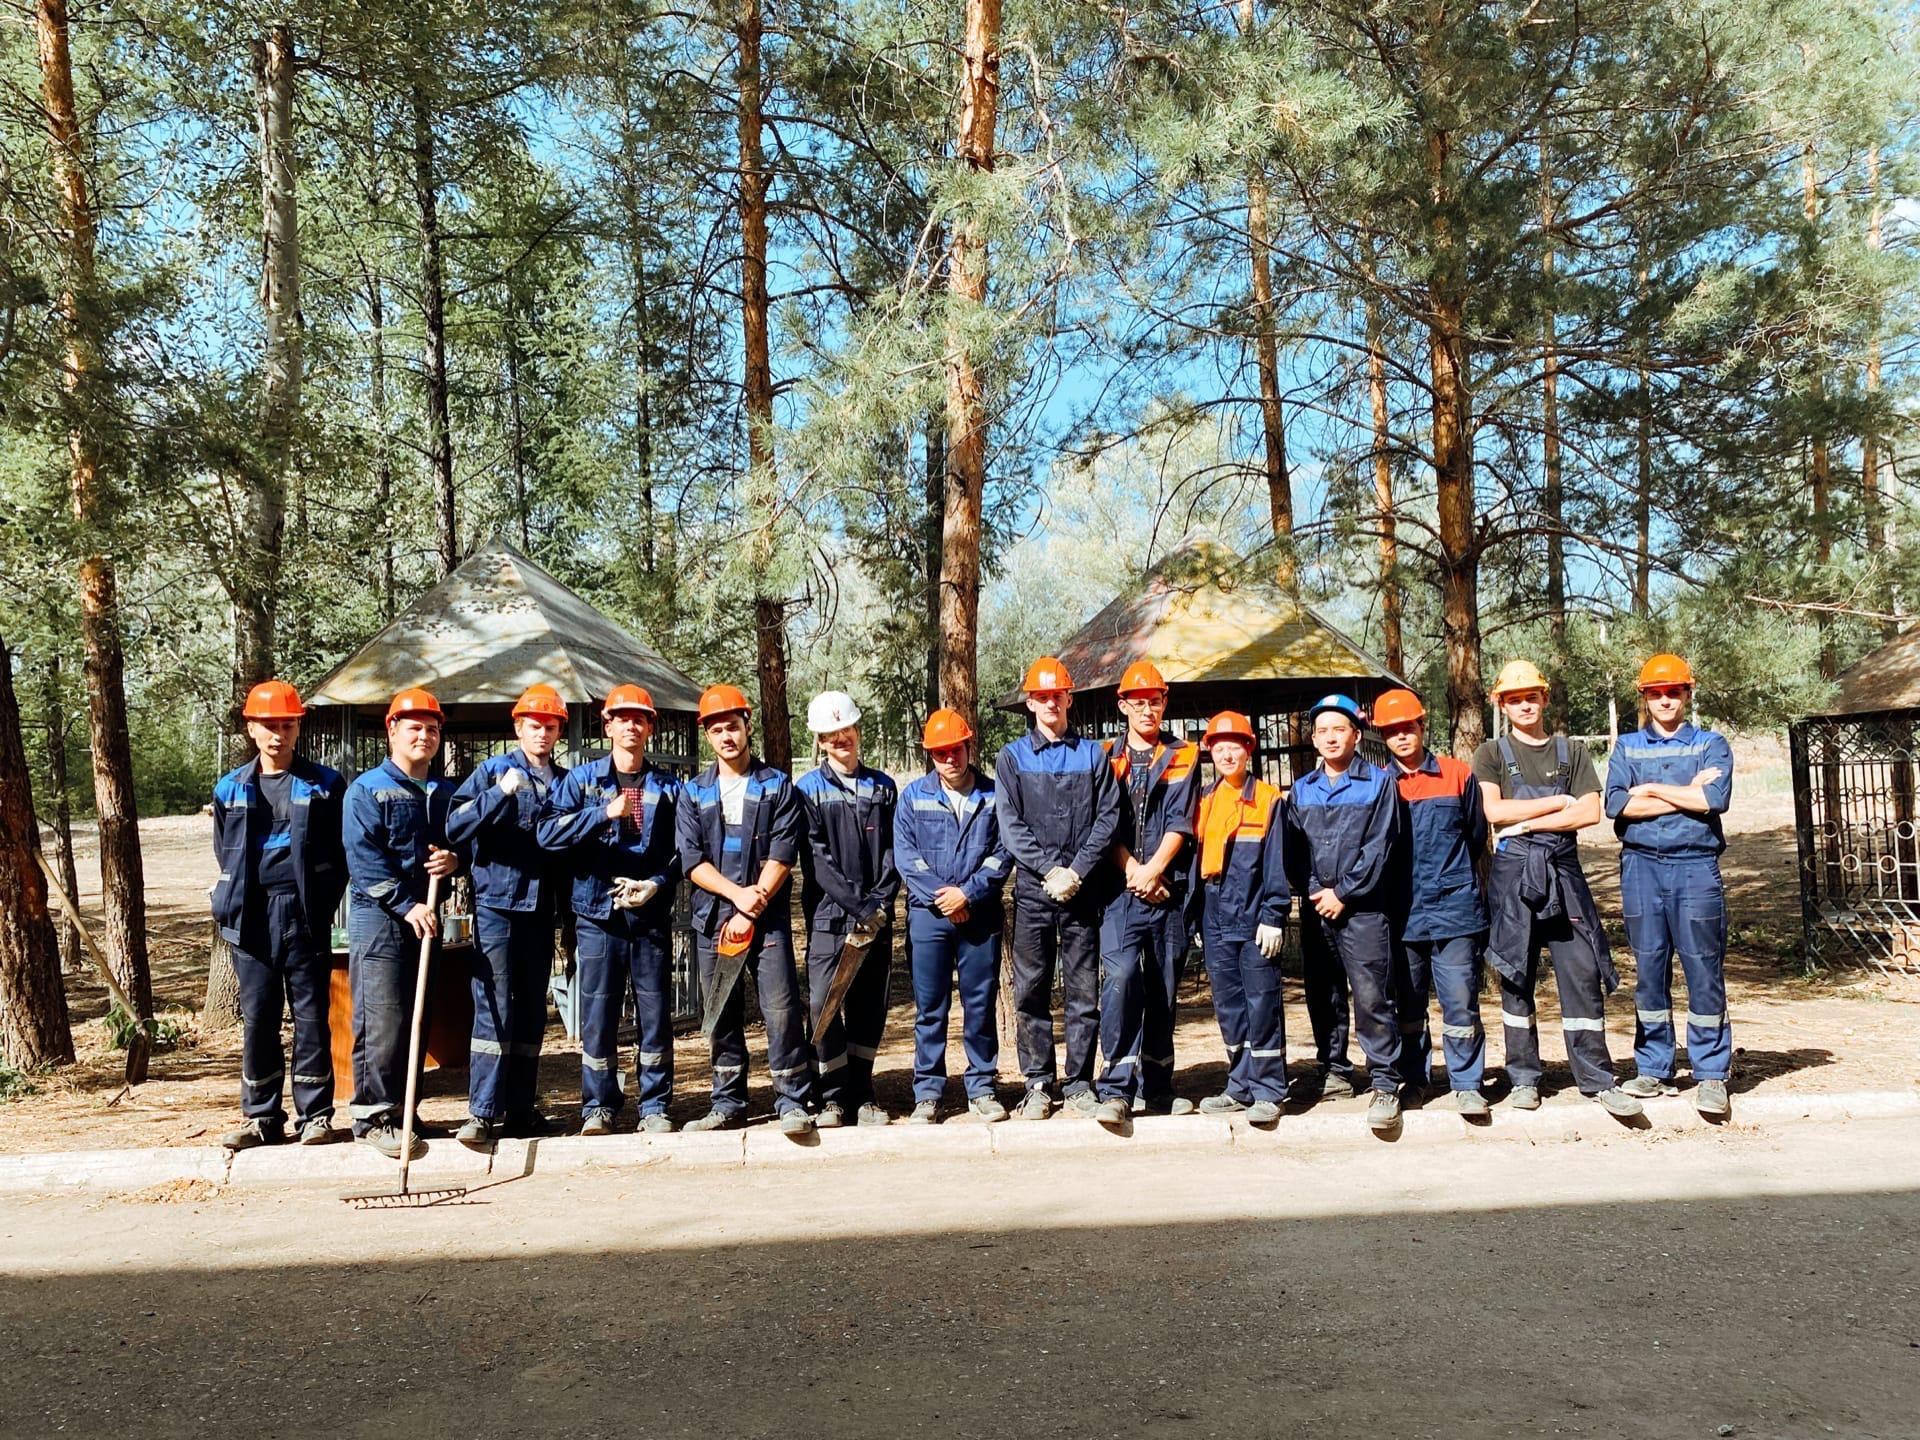 Бойцы студенческих строительных отрядов Оренбургского государственного университета продолжают наводить порядок в тренинговом центре «Искра» в Дубках